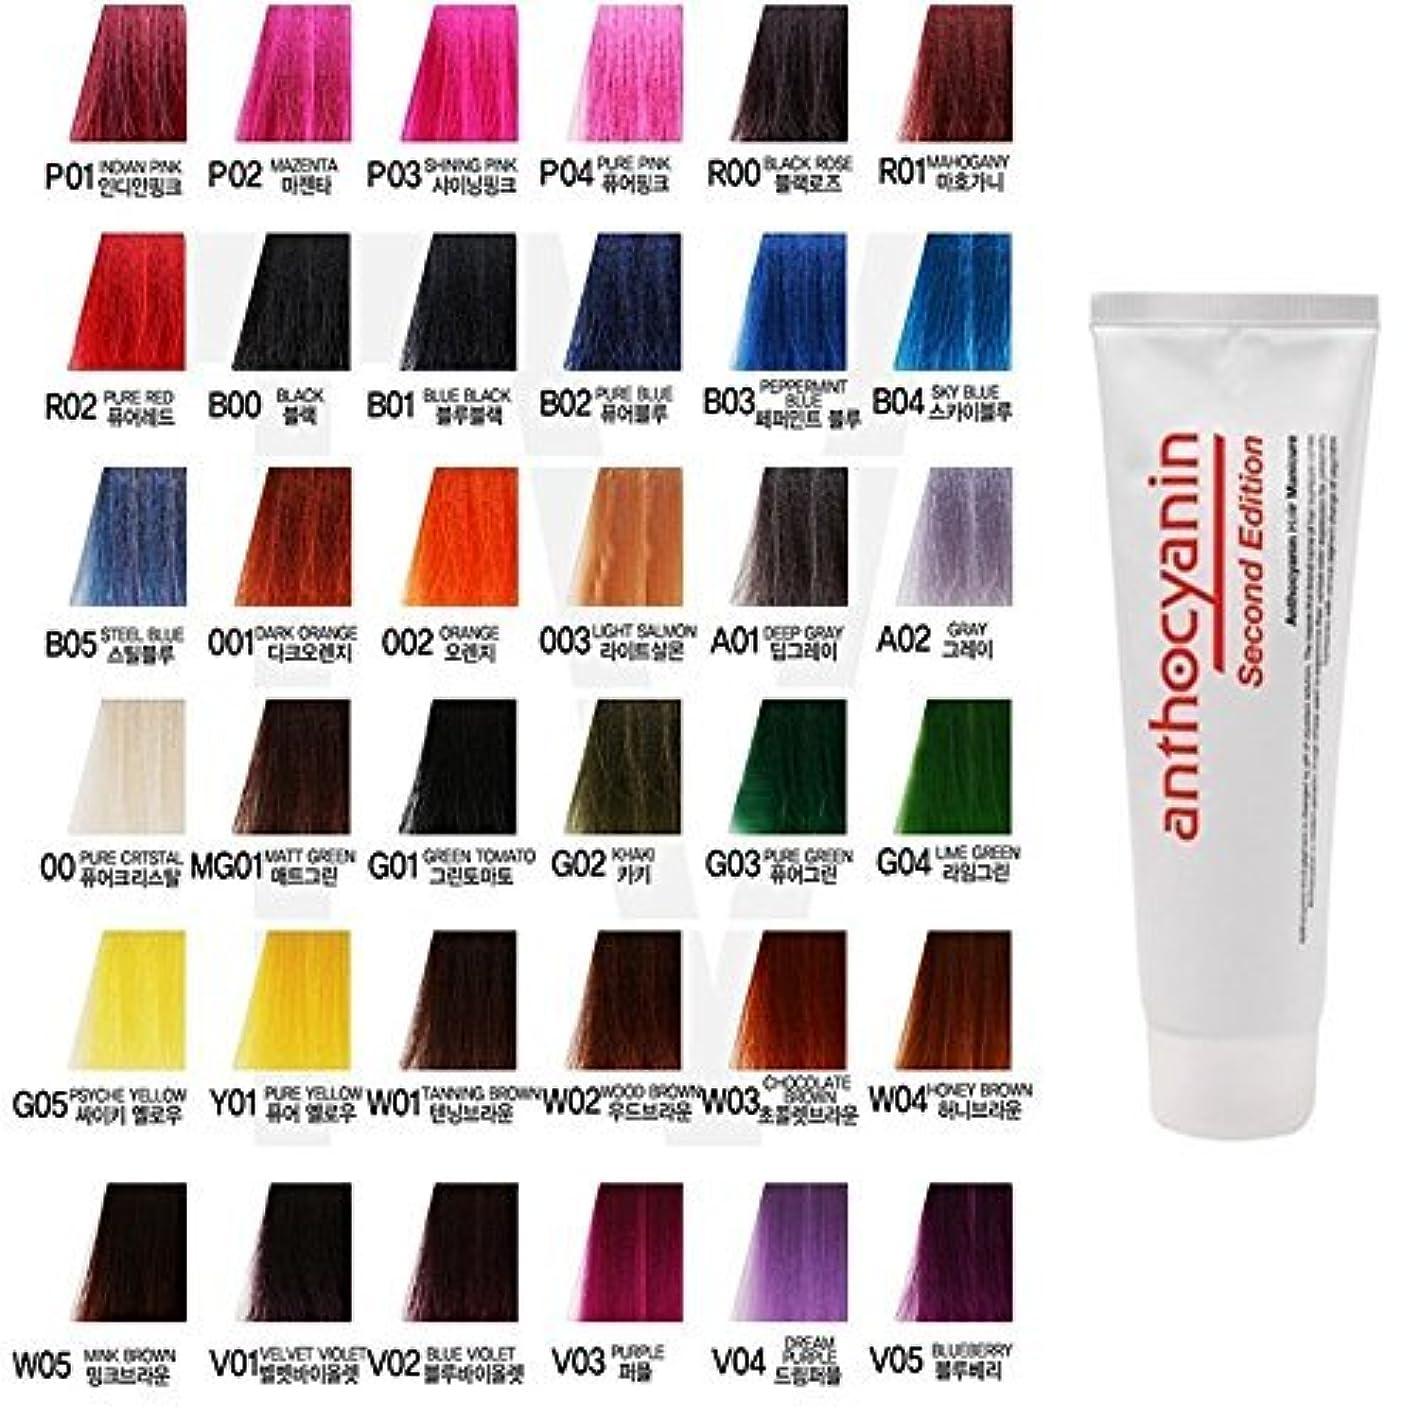 慣れている悪夢人生を作るヘア マニキュア カラー セカンド エディション 230g セミ パーマネント 染毛剤 ( Hair Manicure Color Second Edition 230g Semi Permanent Hair Dye) [並行輸入品] (O02 Orange)